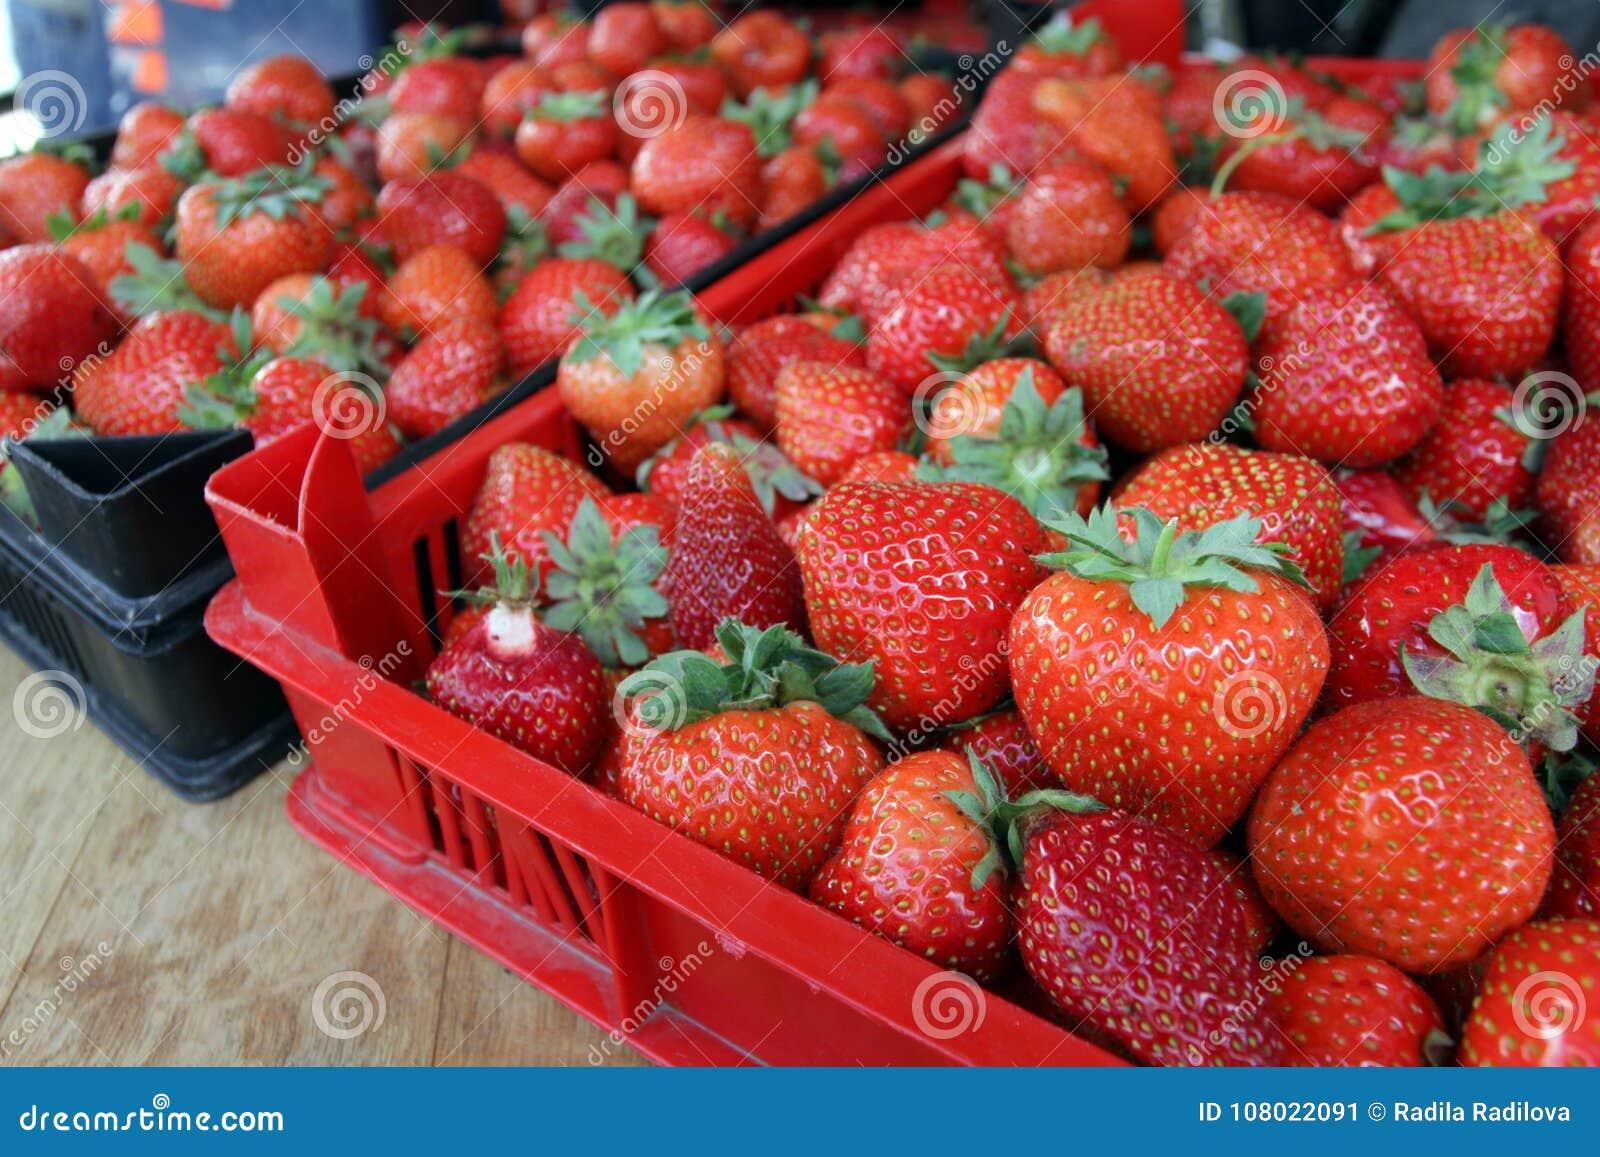 Aardbei Verse organische aardbeien in daglicht op een markt Vruchten achtergrond Gezond voedsel Heel wat helder, is verse bessen